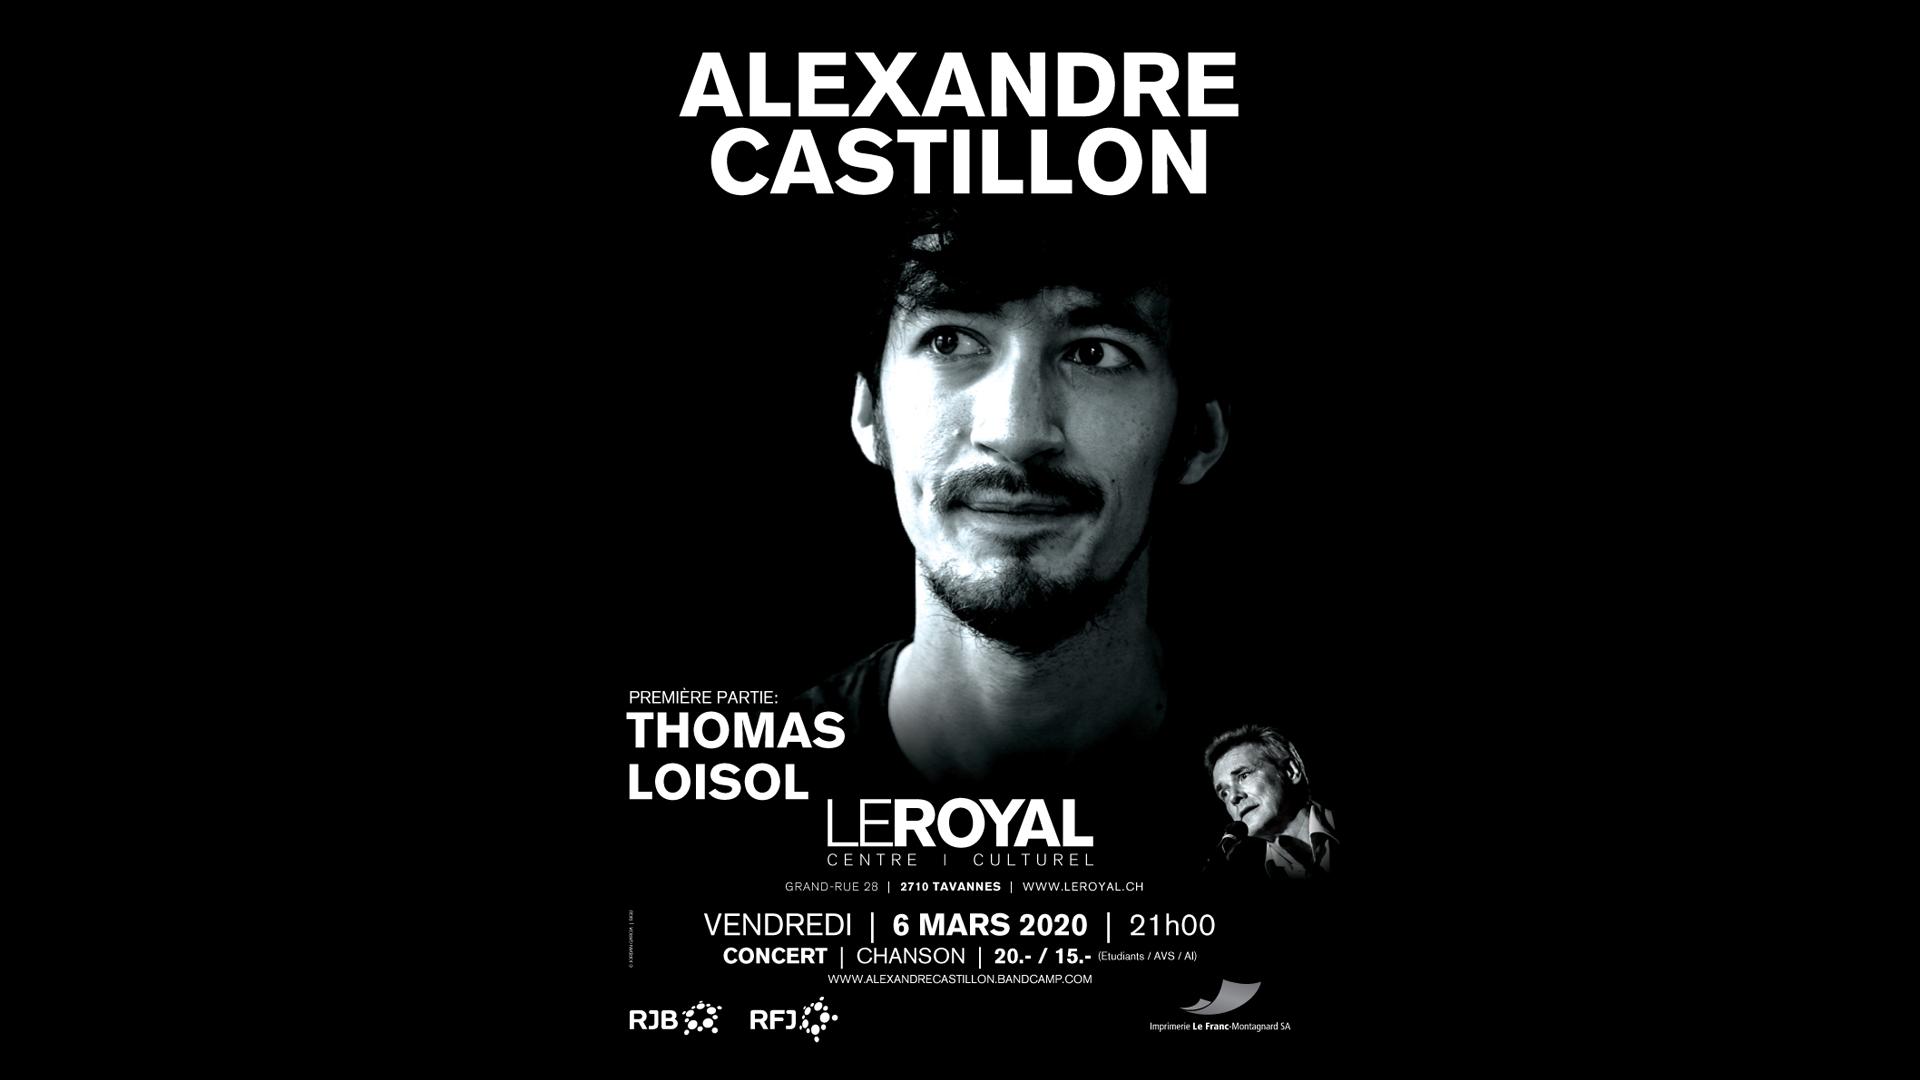 200306---ALEXANDRE-CASTILLON---Affiche-WEB